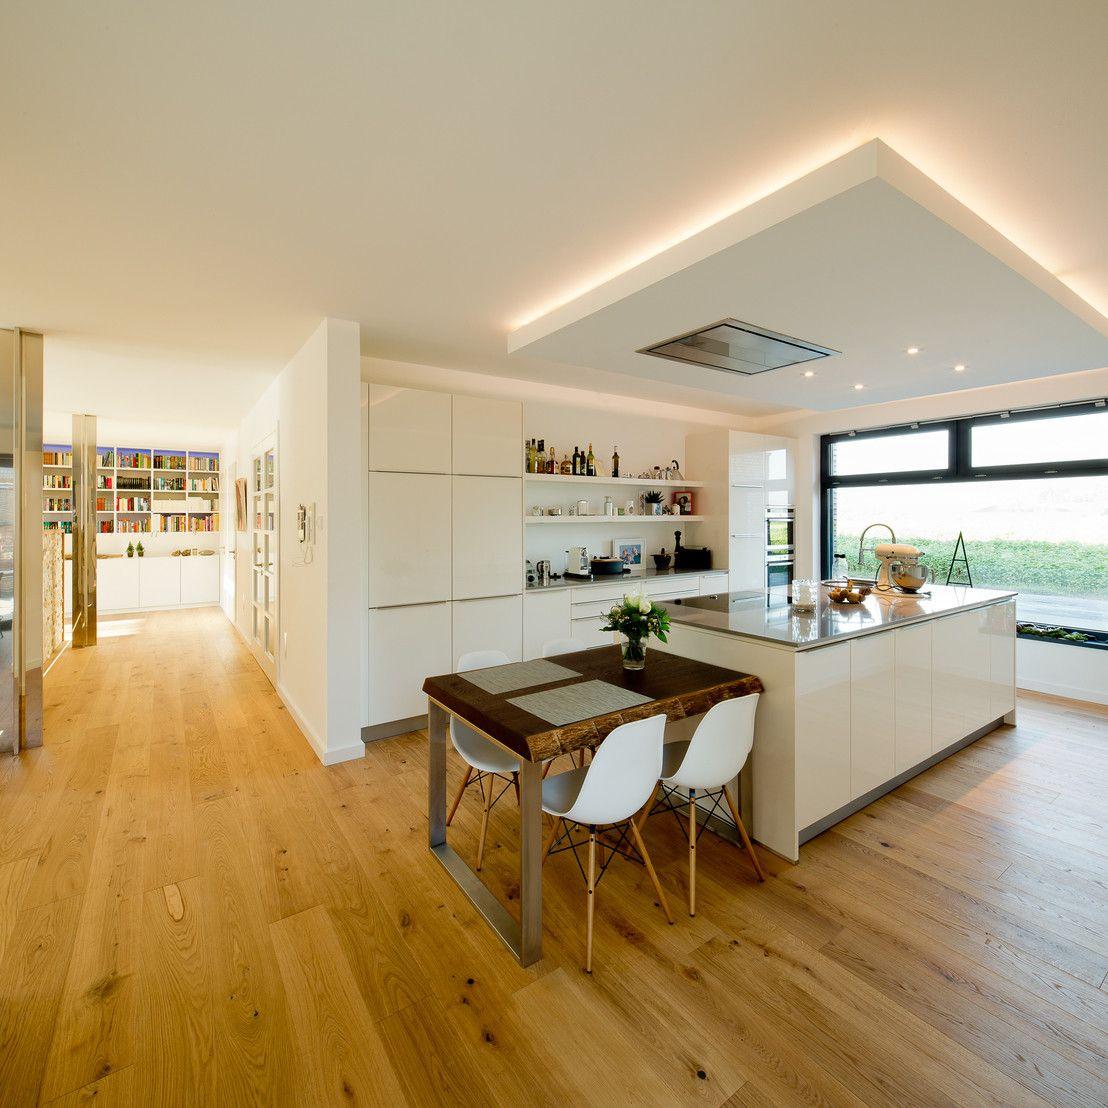 Haus S Moderne Küchen Von Ferreira Verfürth Und Partner Architekten Mbb Wohn Design Haus Küchen Moderne Küche